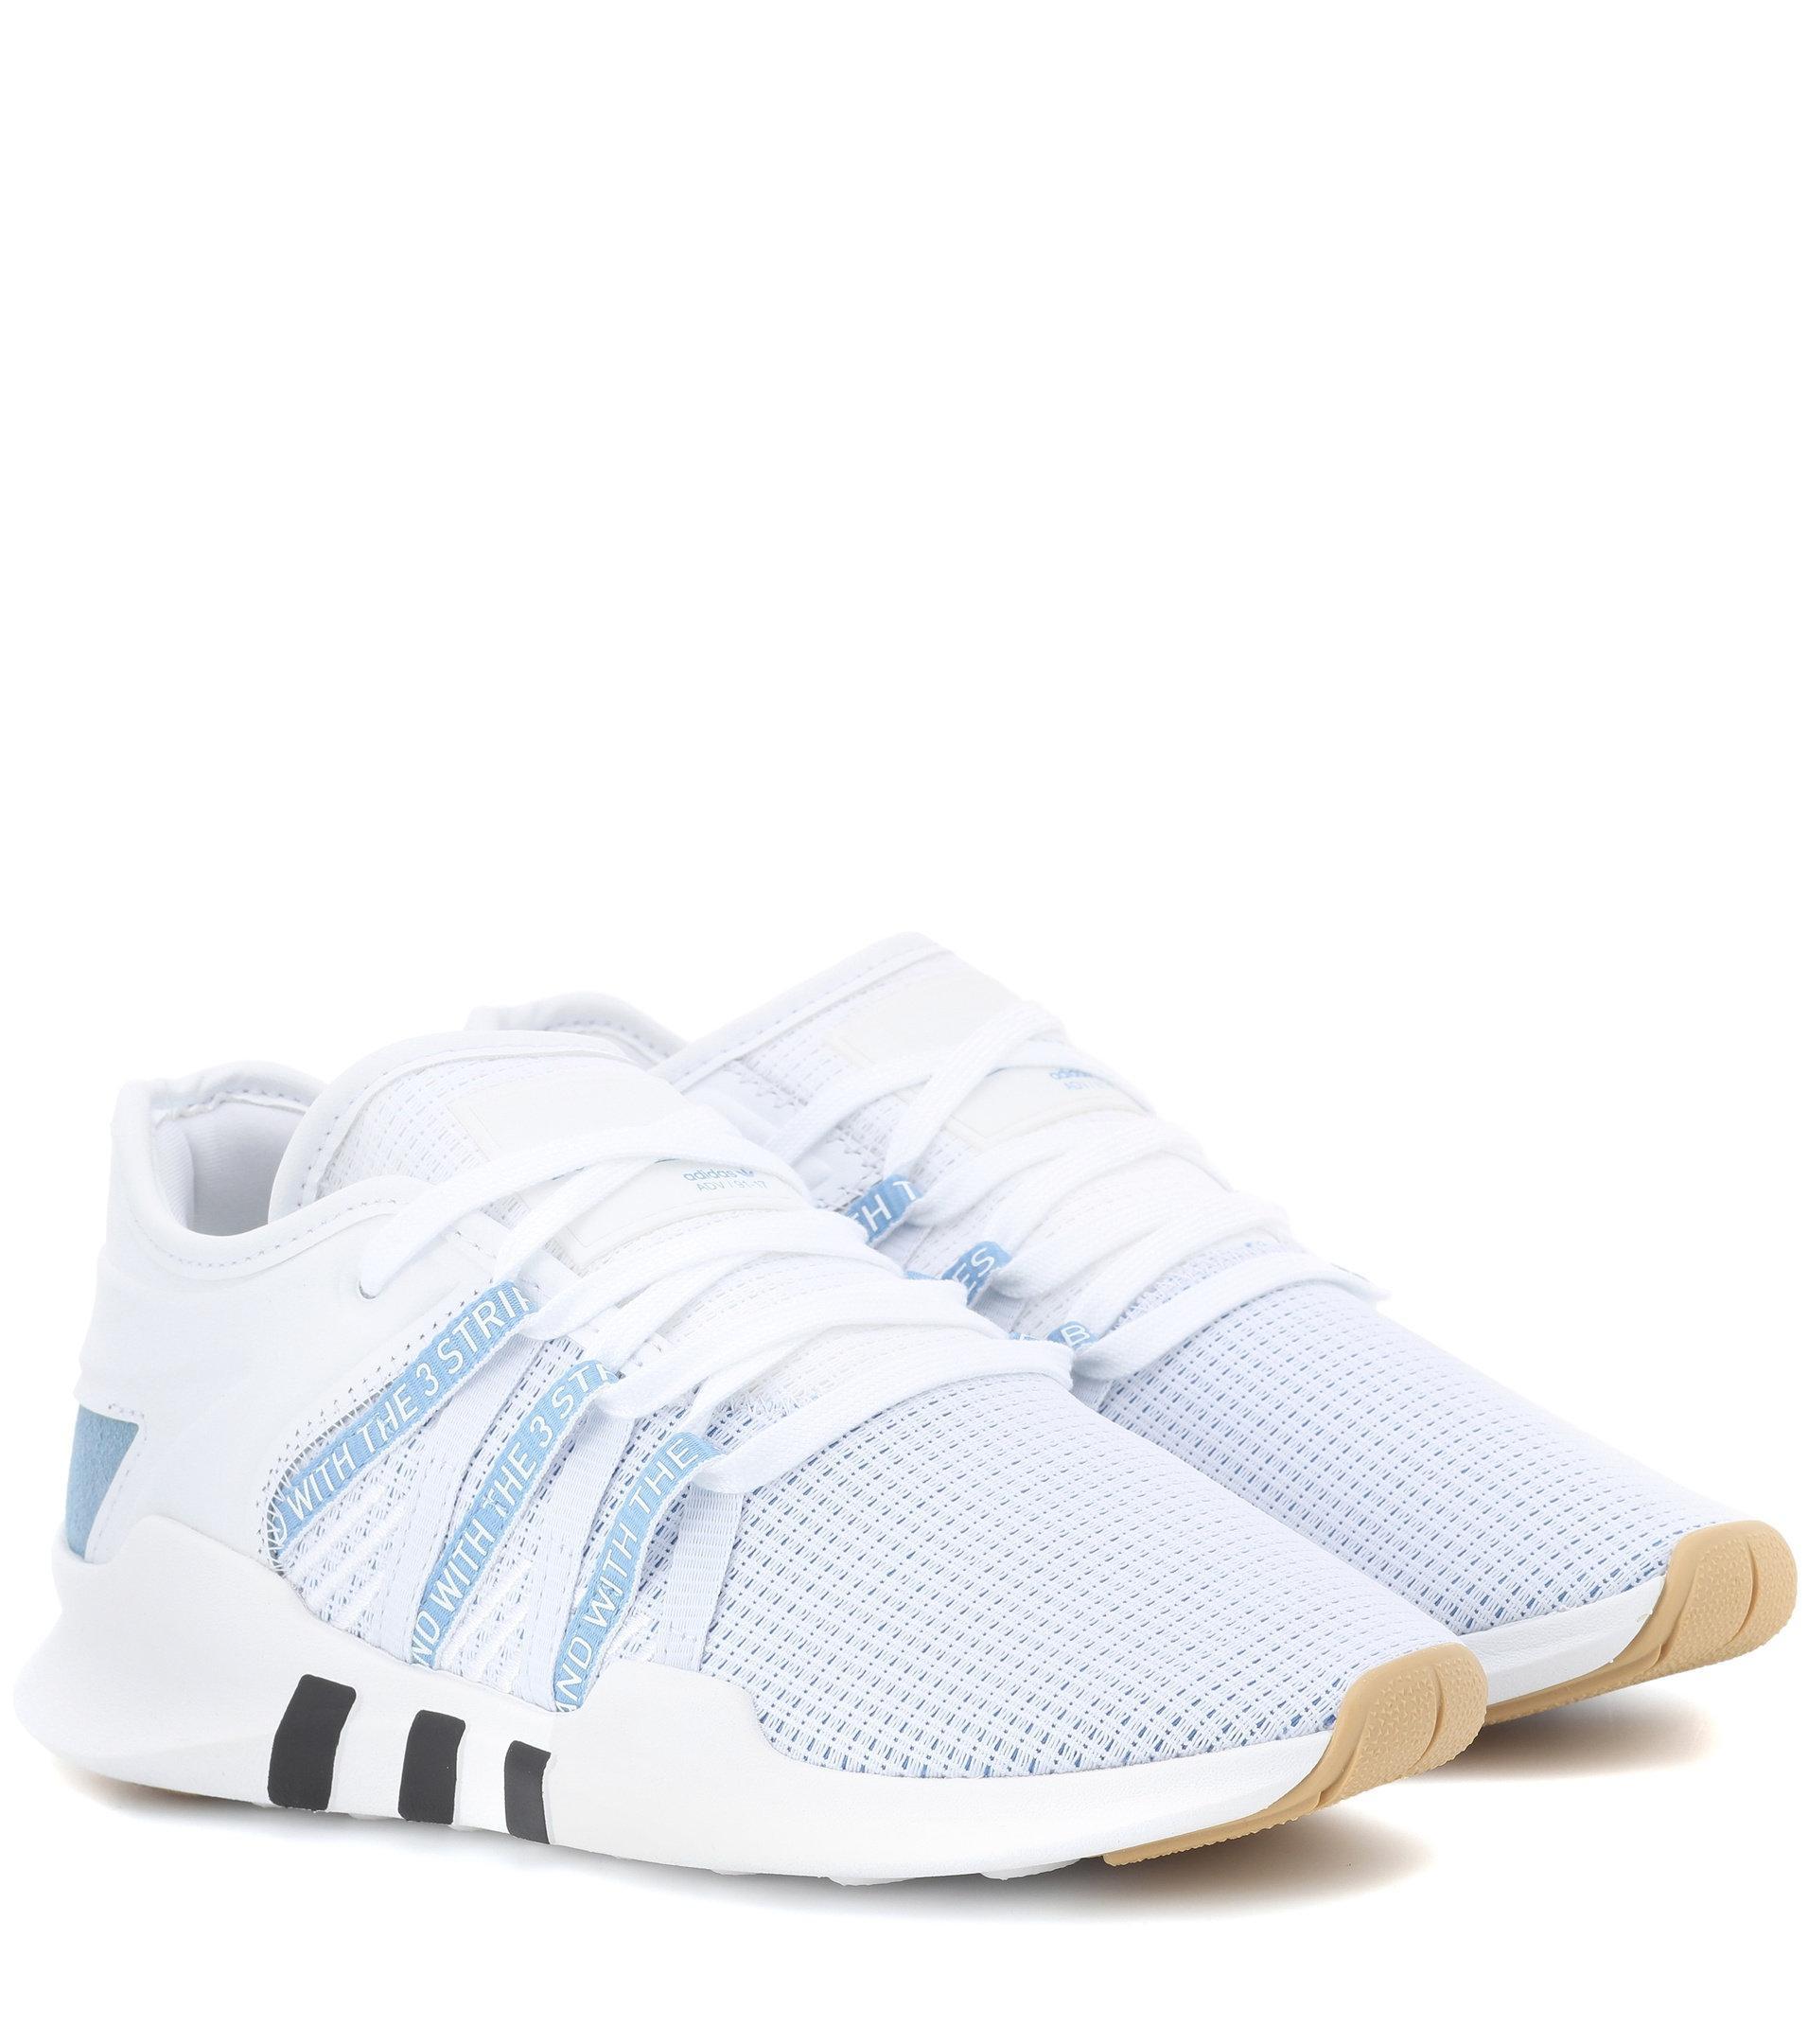 hot sales 99b43 1e34e adidas Originals. Womens White Eqt Adv Racing Trainers